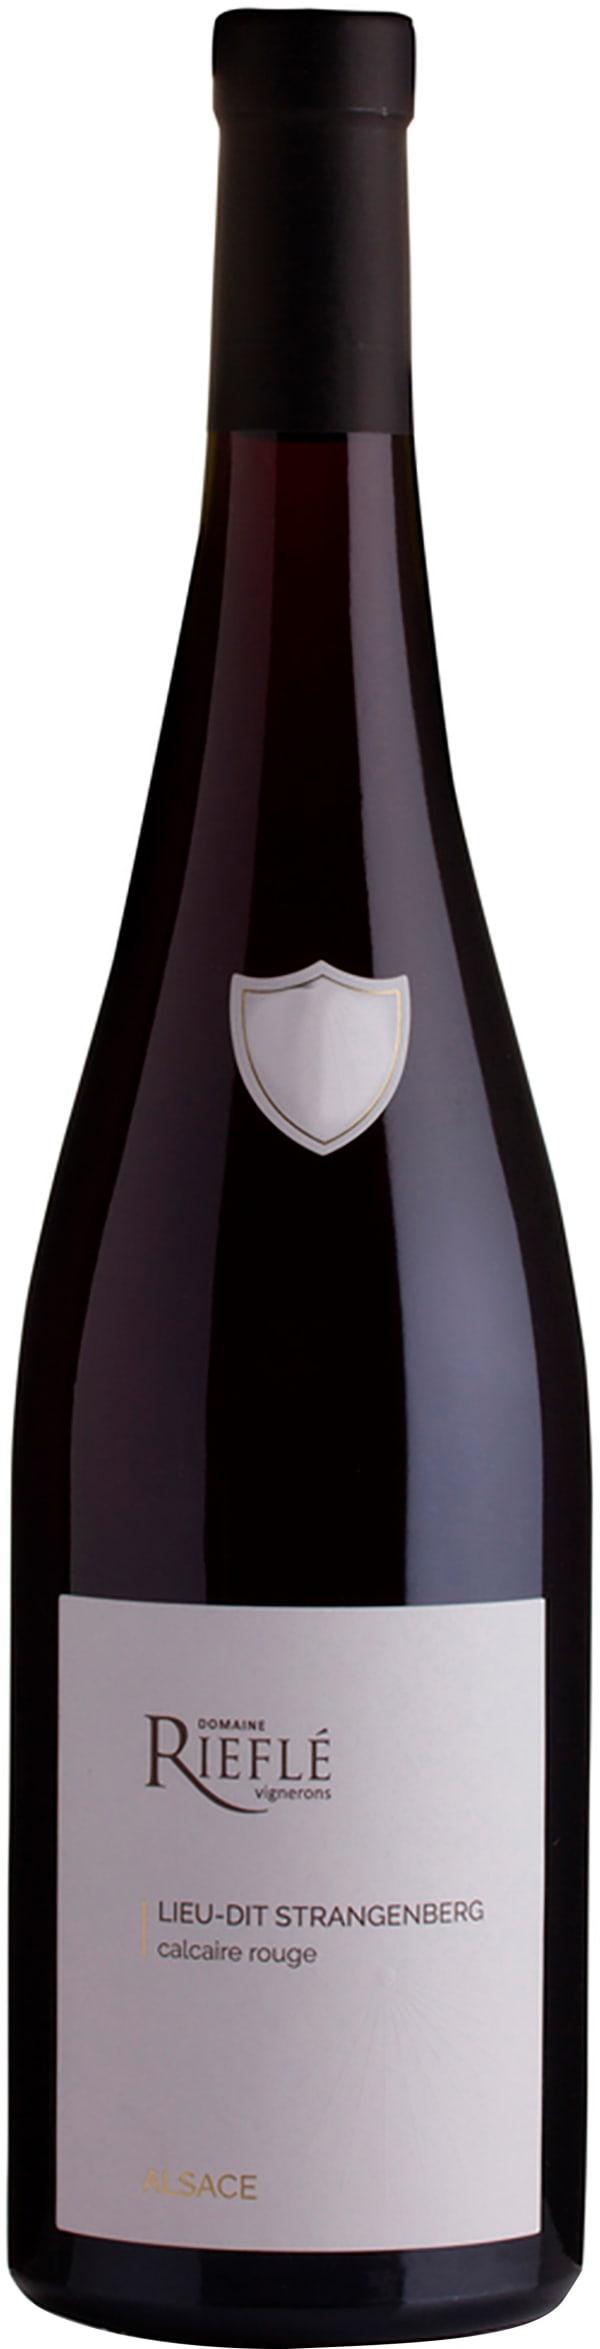 Rieflé Lieu-Dit Strangenberg Pinot Noir 2017